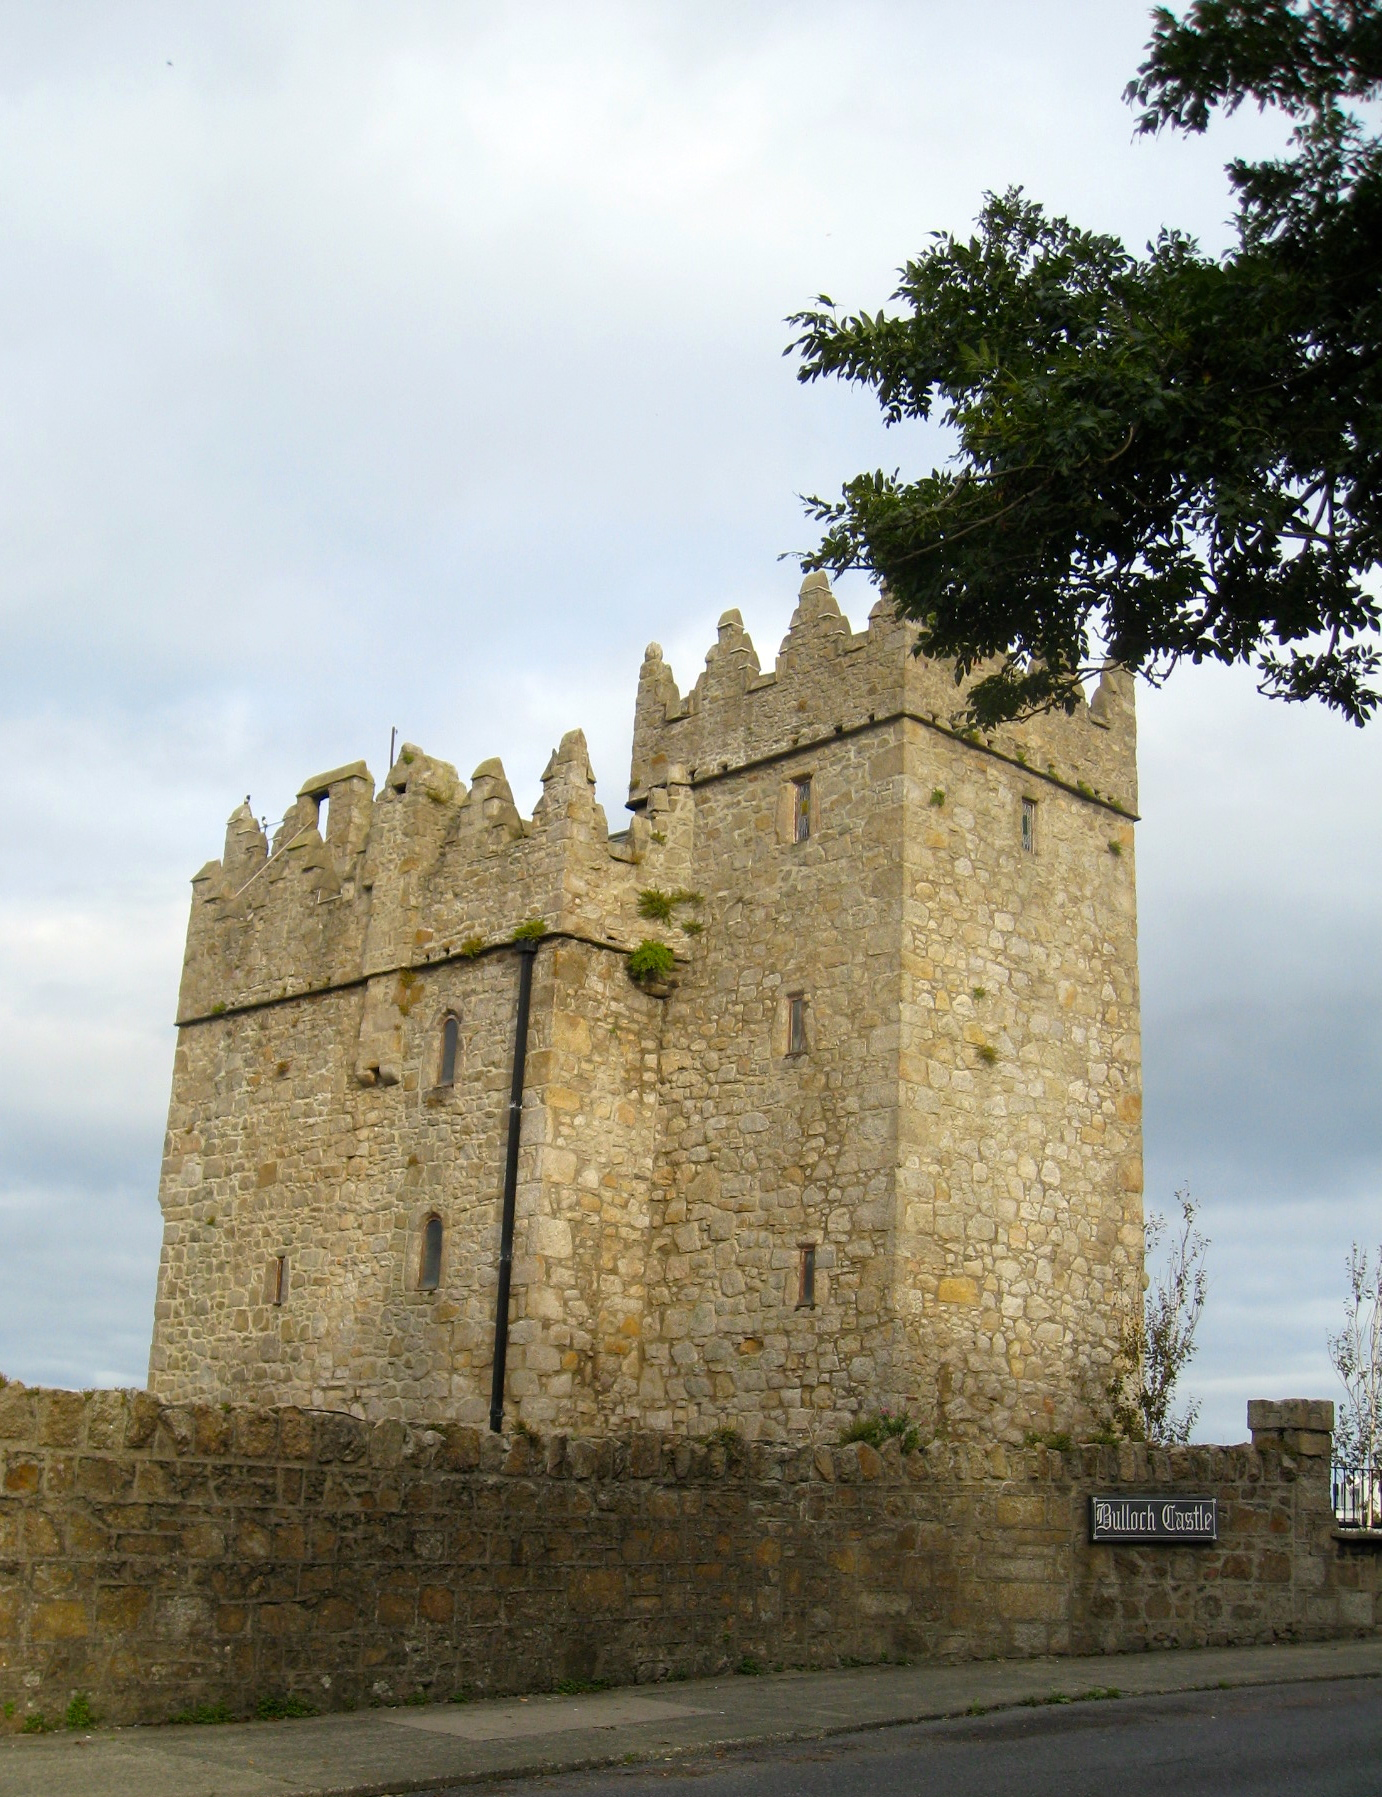 Bulloch Castle outside Dalkey